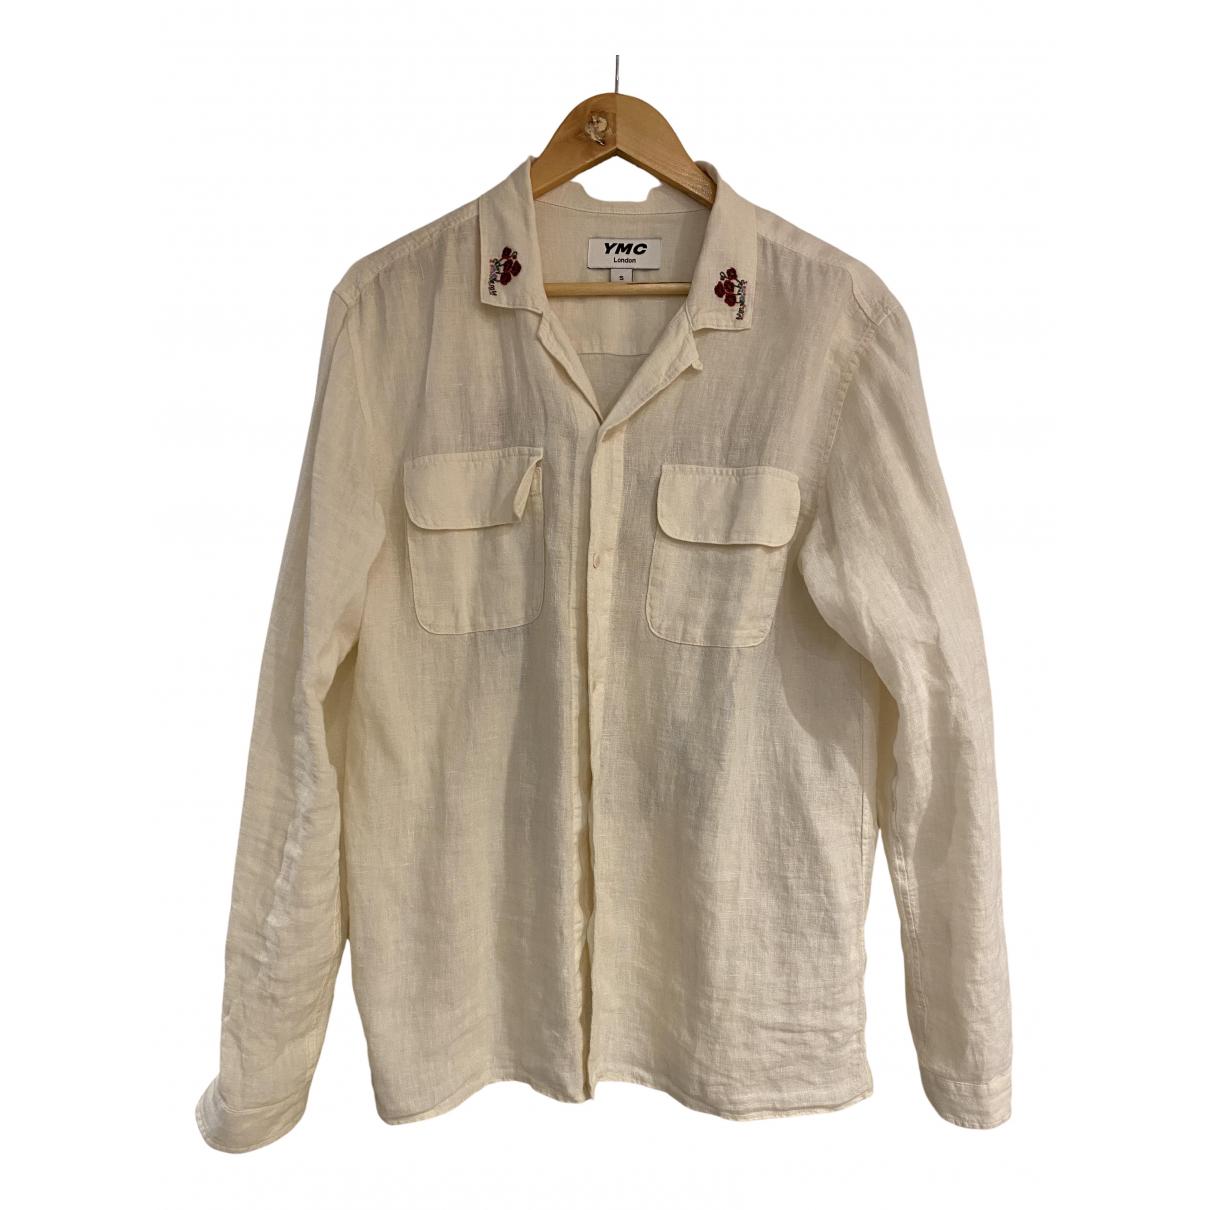 Ymc - Chemises   pour homme en lin - beige